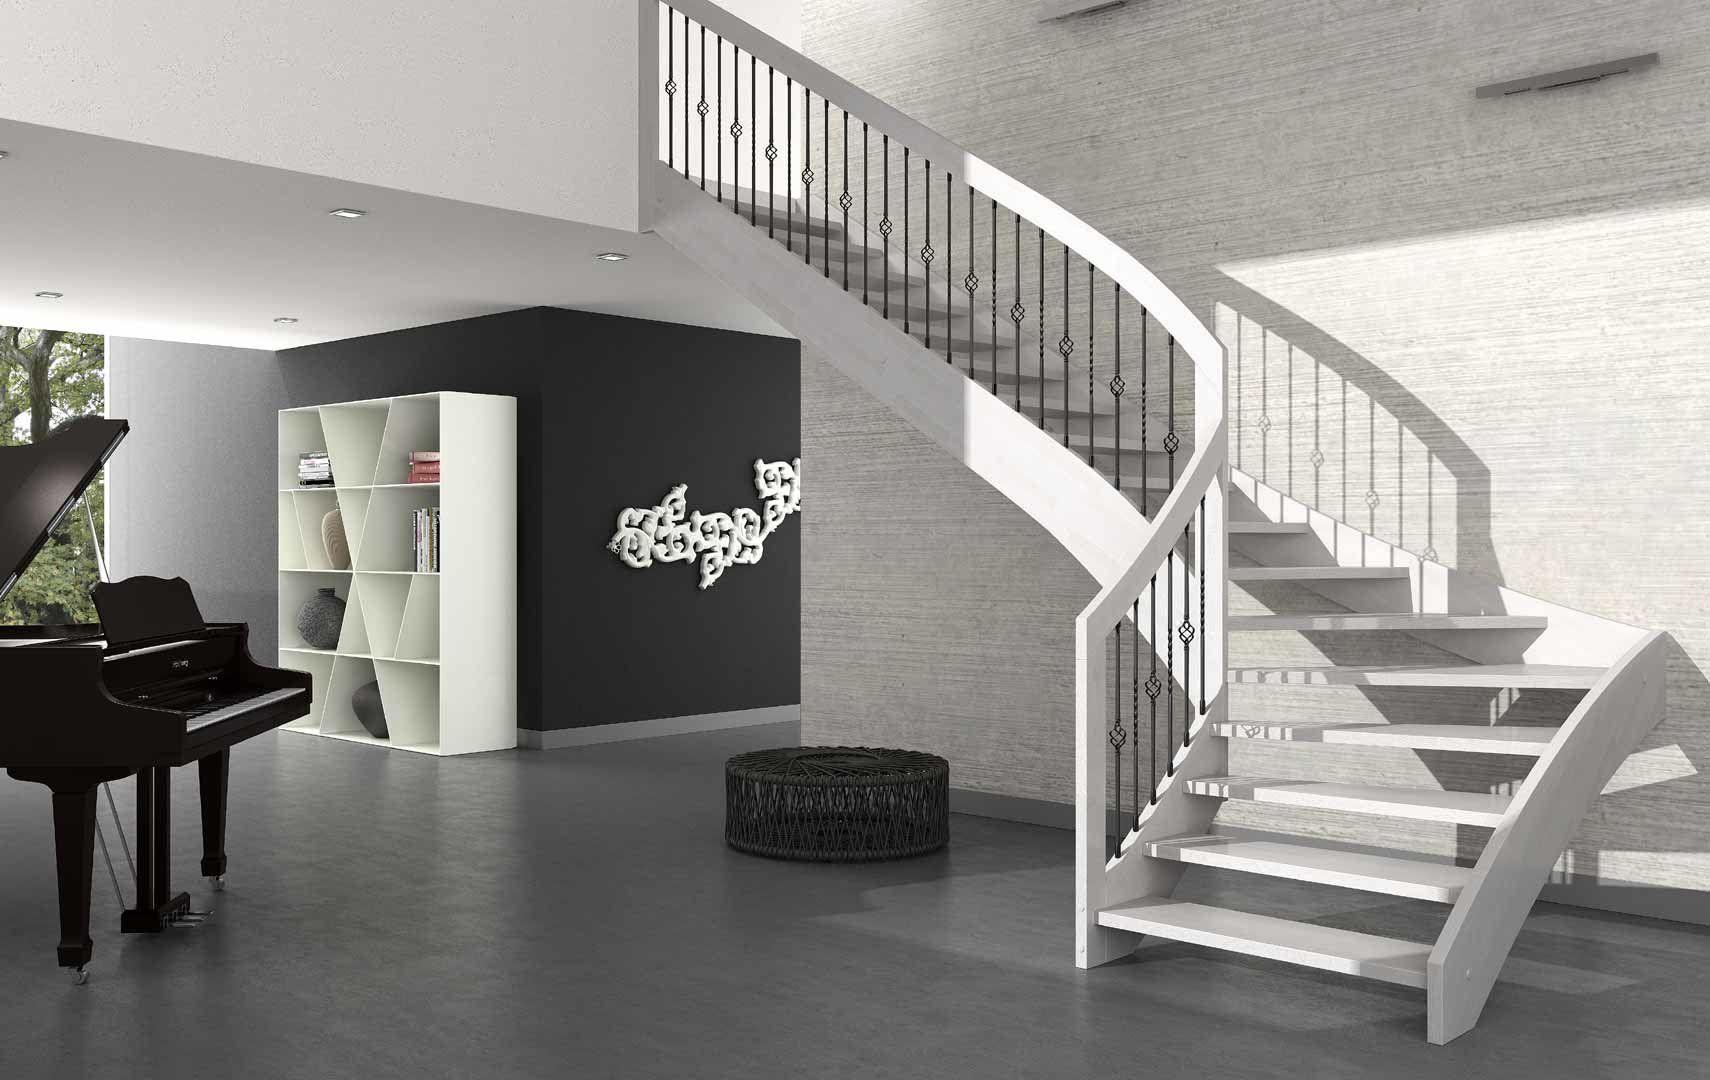 Vernici Ecologiche Per Interni le scale per interni esperia sono trattate con vernici